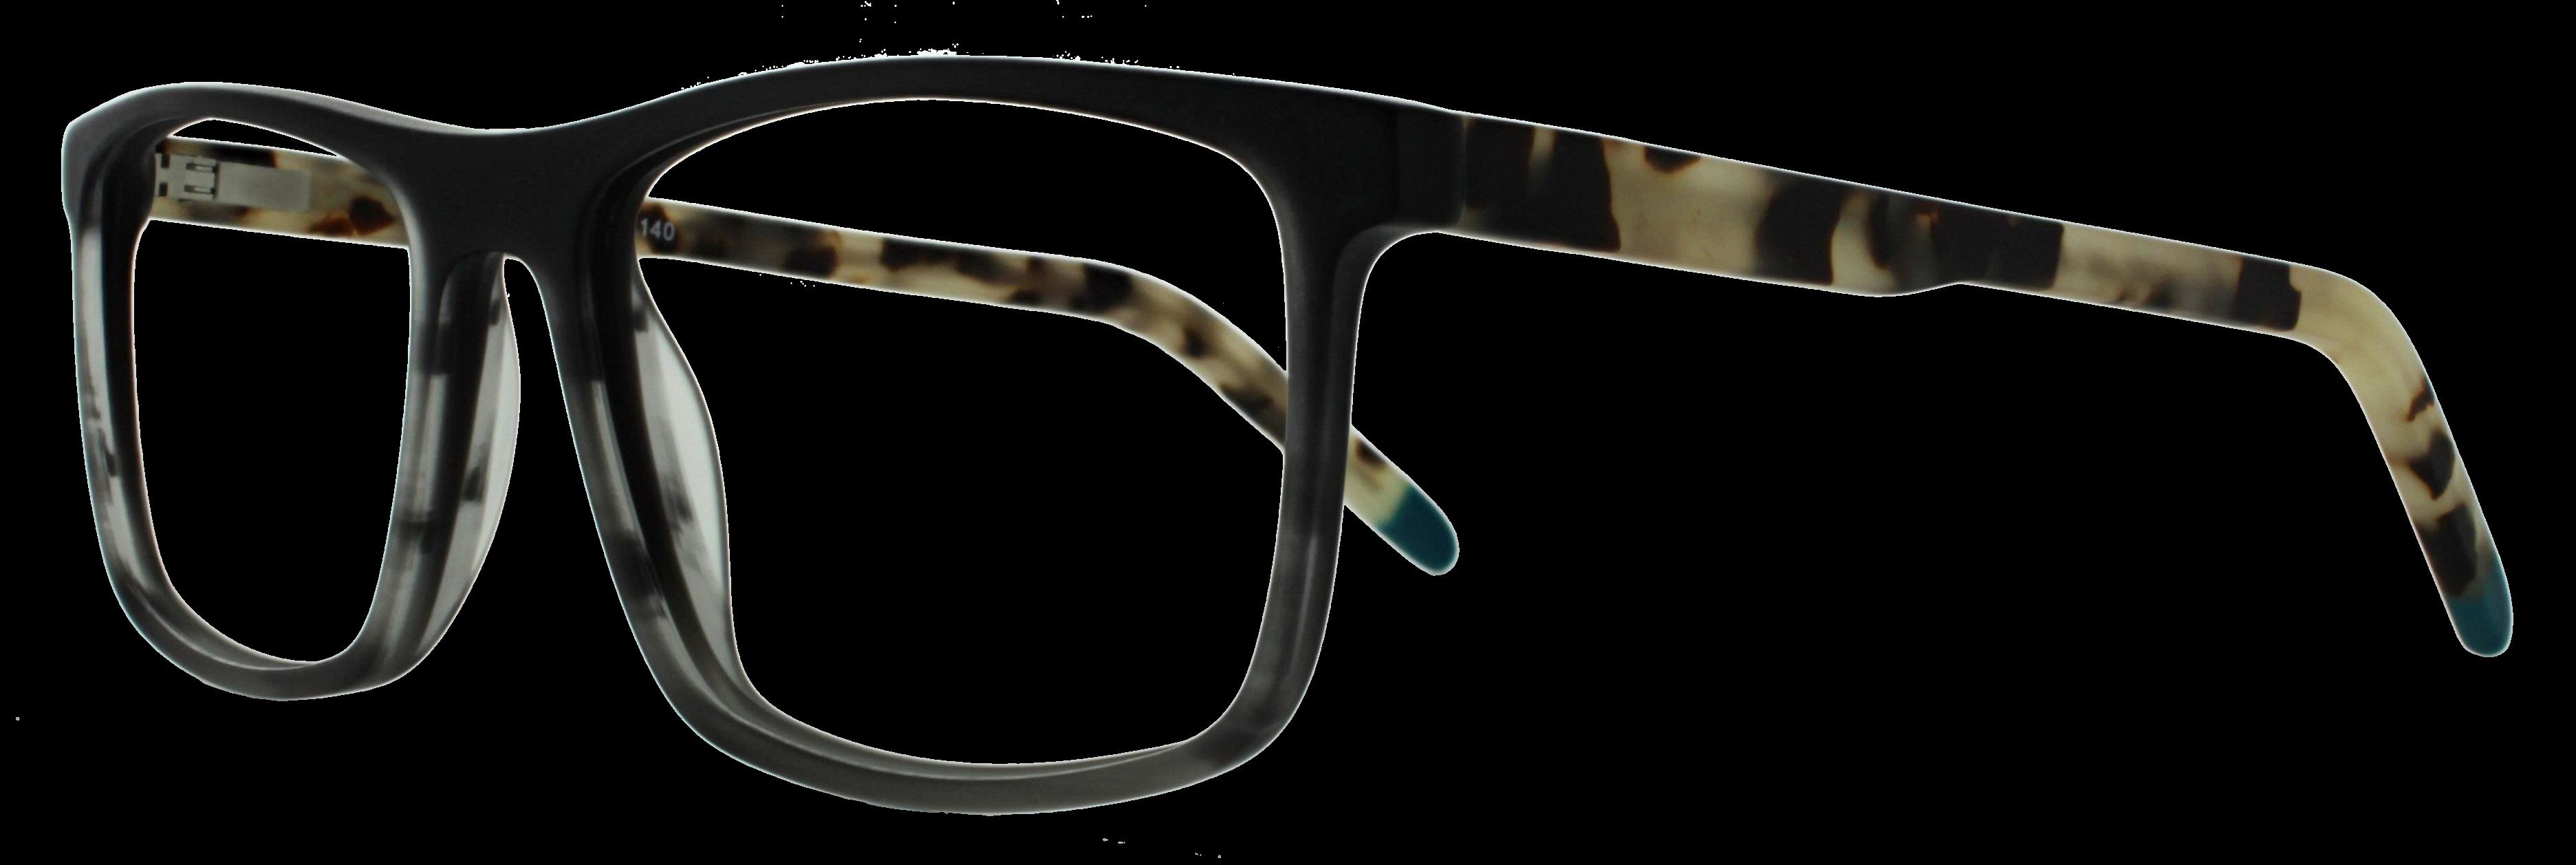 abele optik Brille 137611